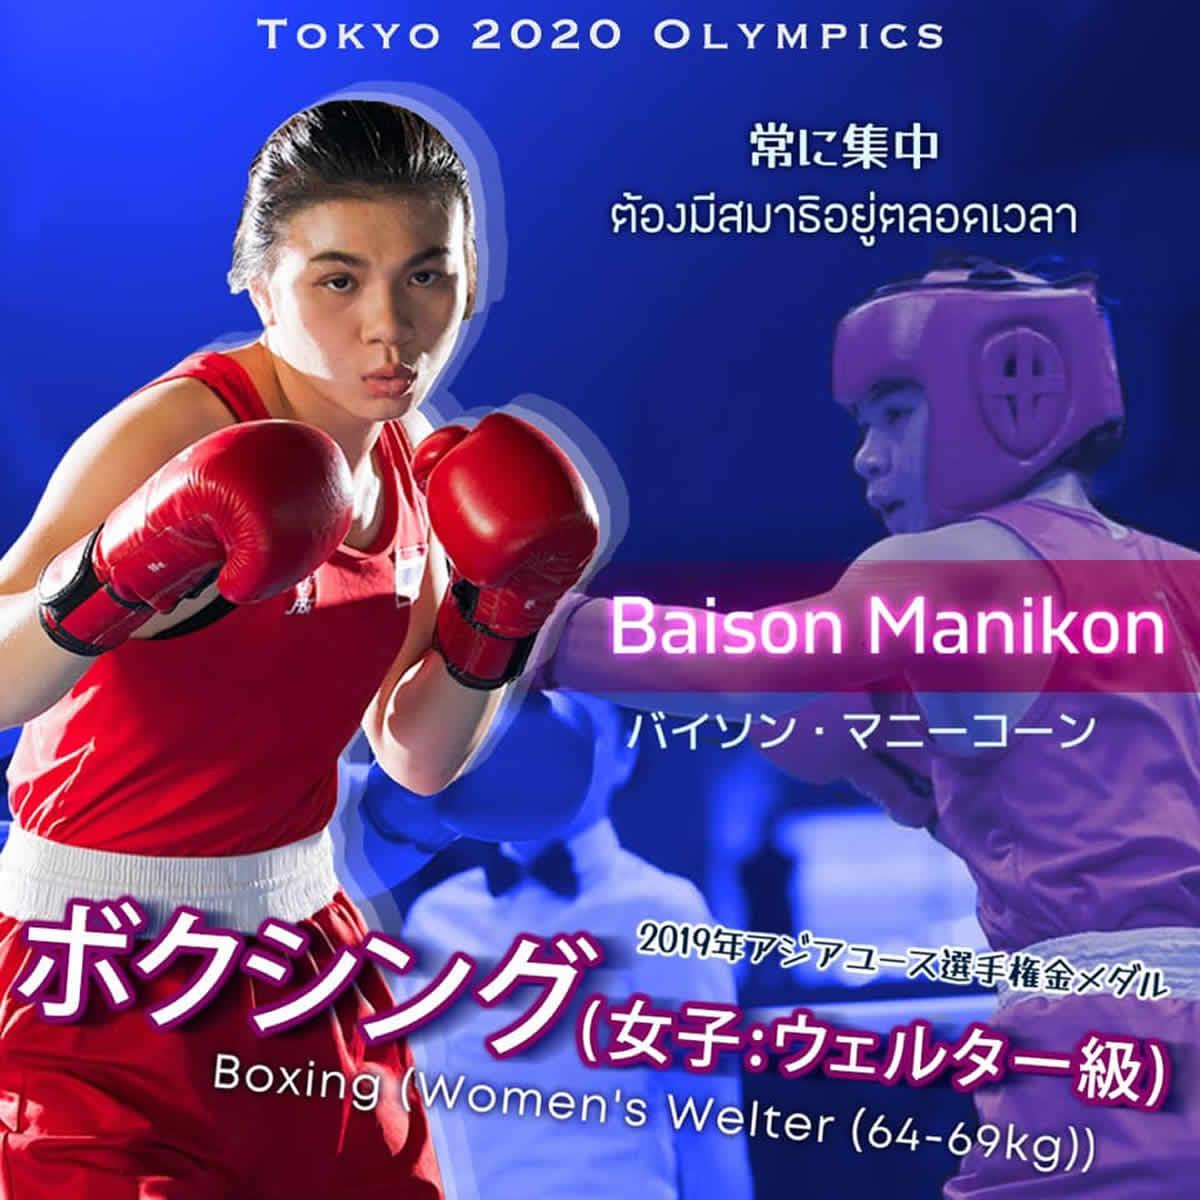 バイソン・マニーコーン(クリーム)選手[女子ボクシング タイ代表]東京2020オリンピック